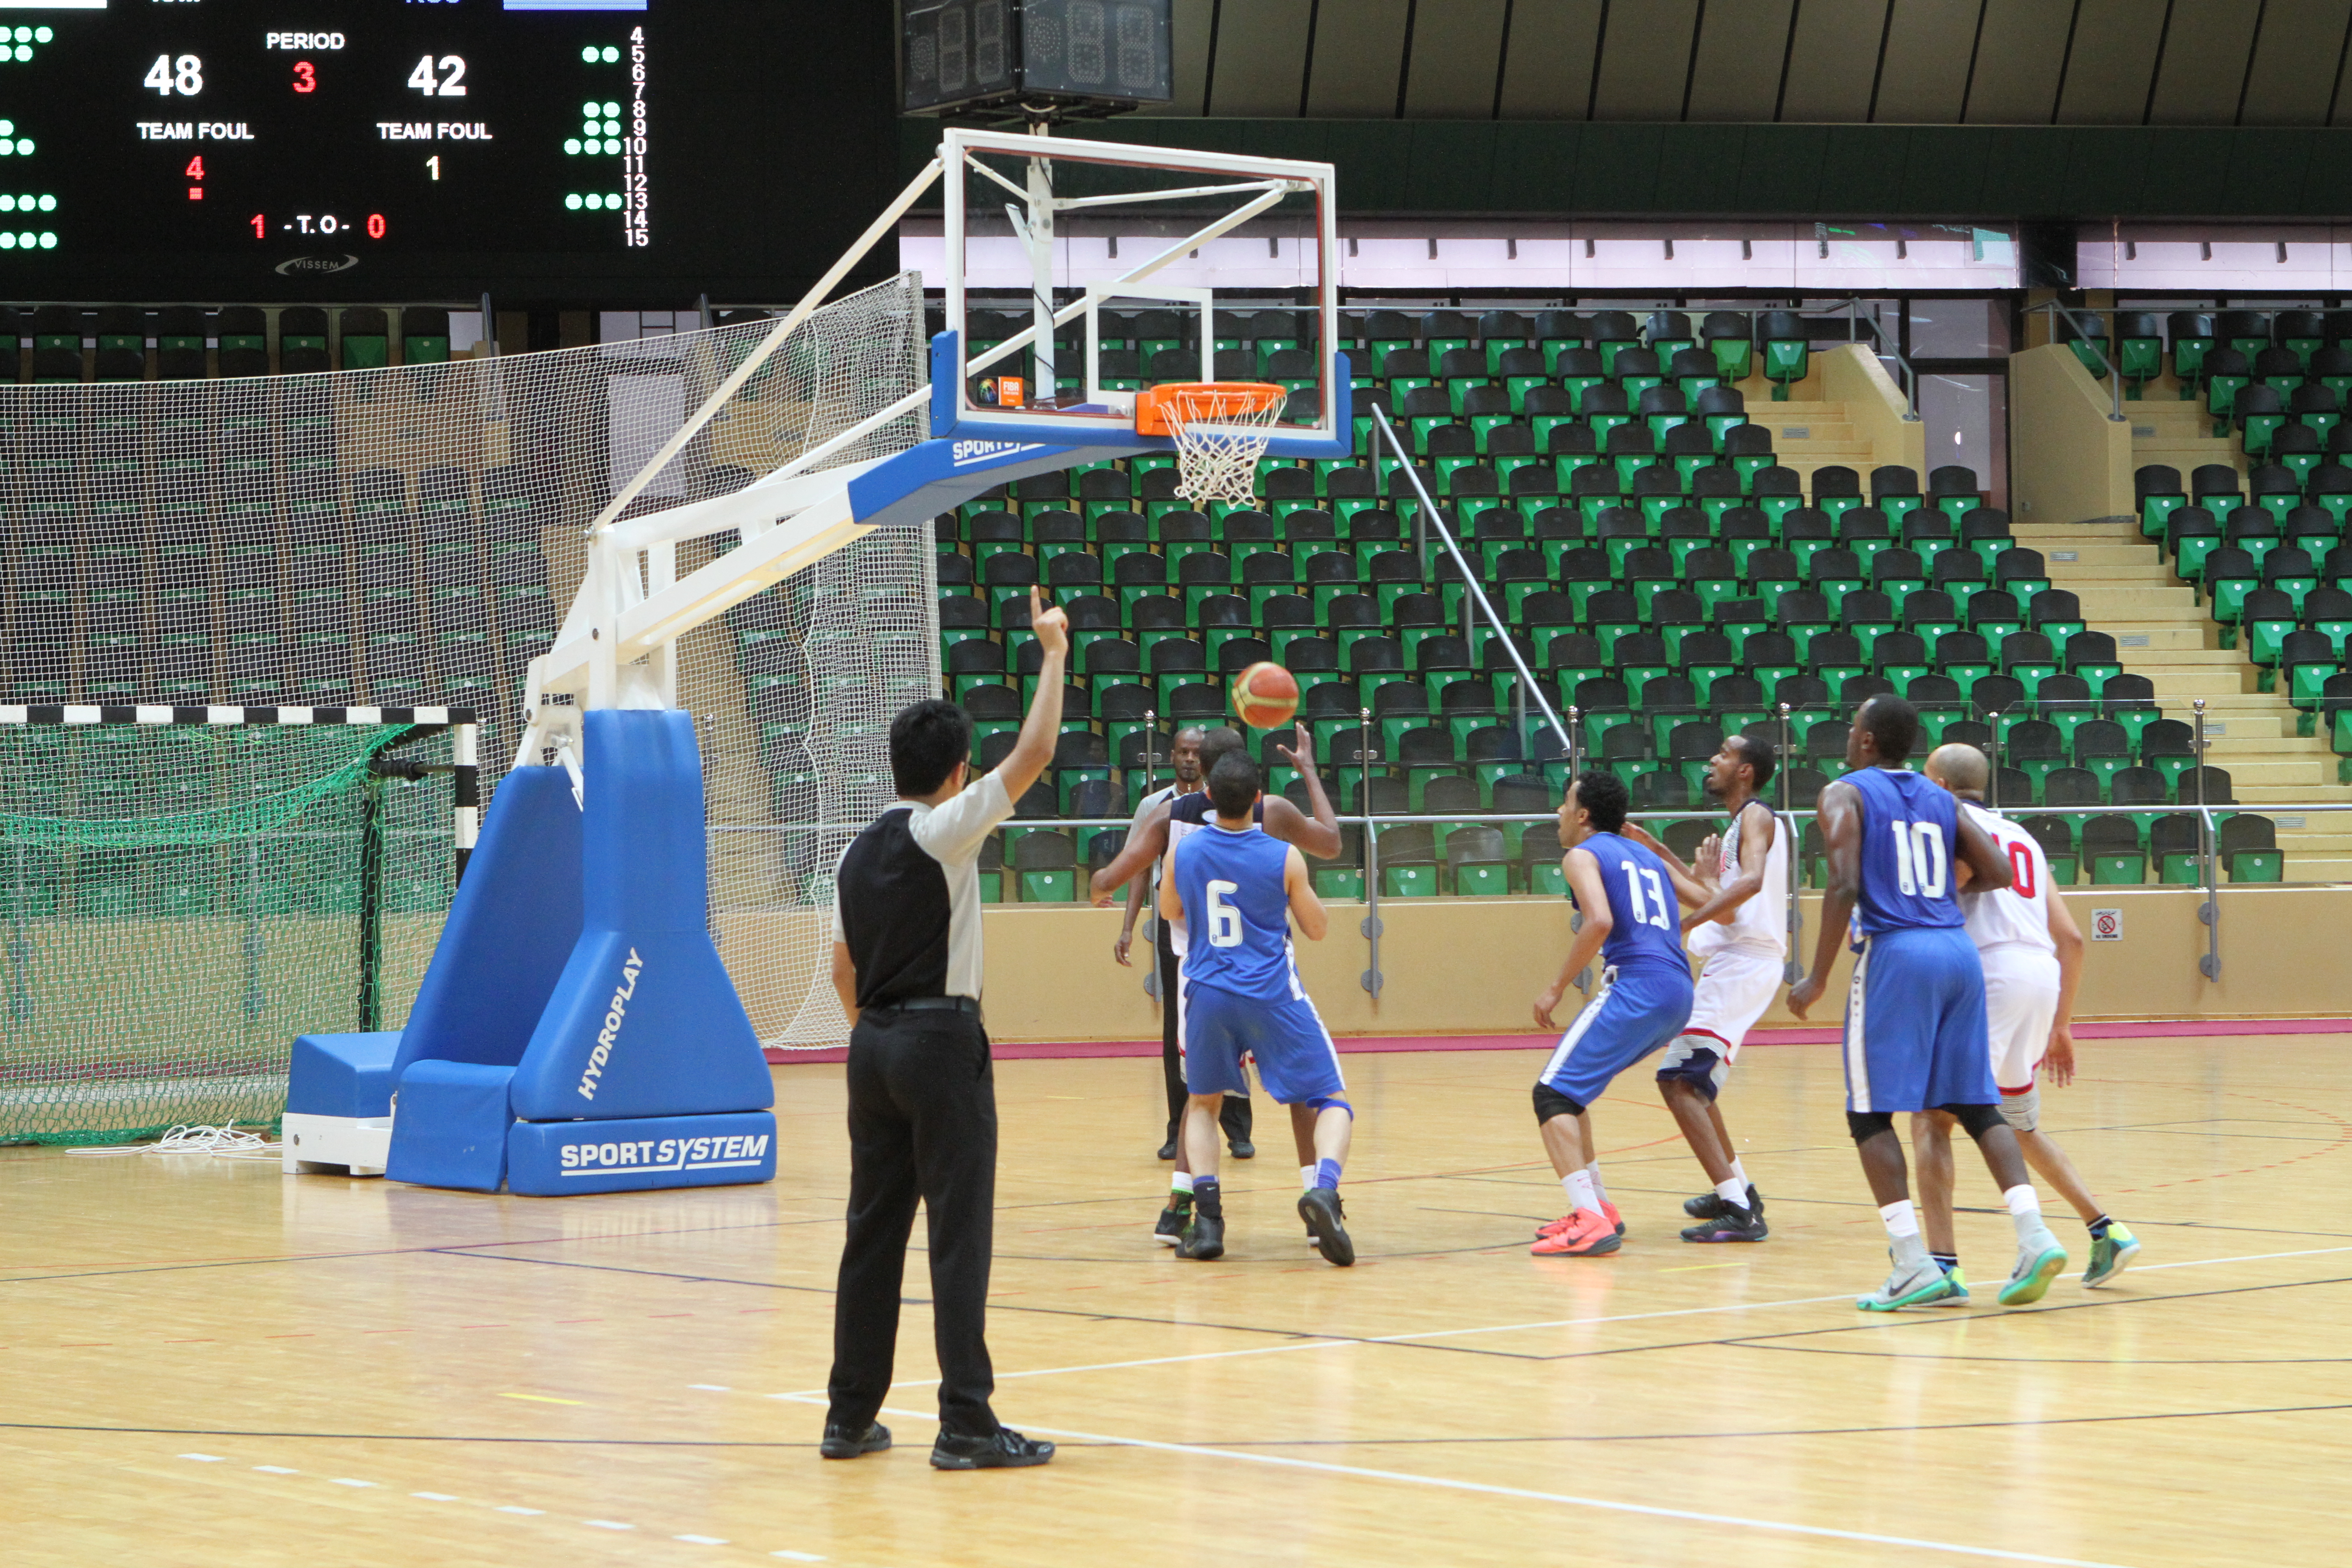 منتخب السلة يستهل المشوار